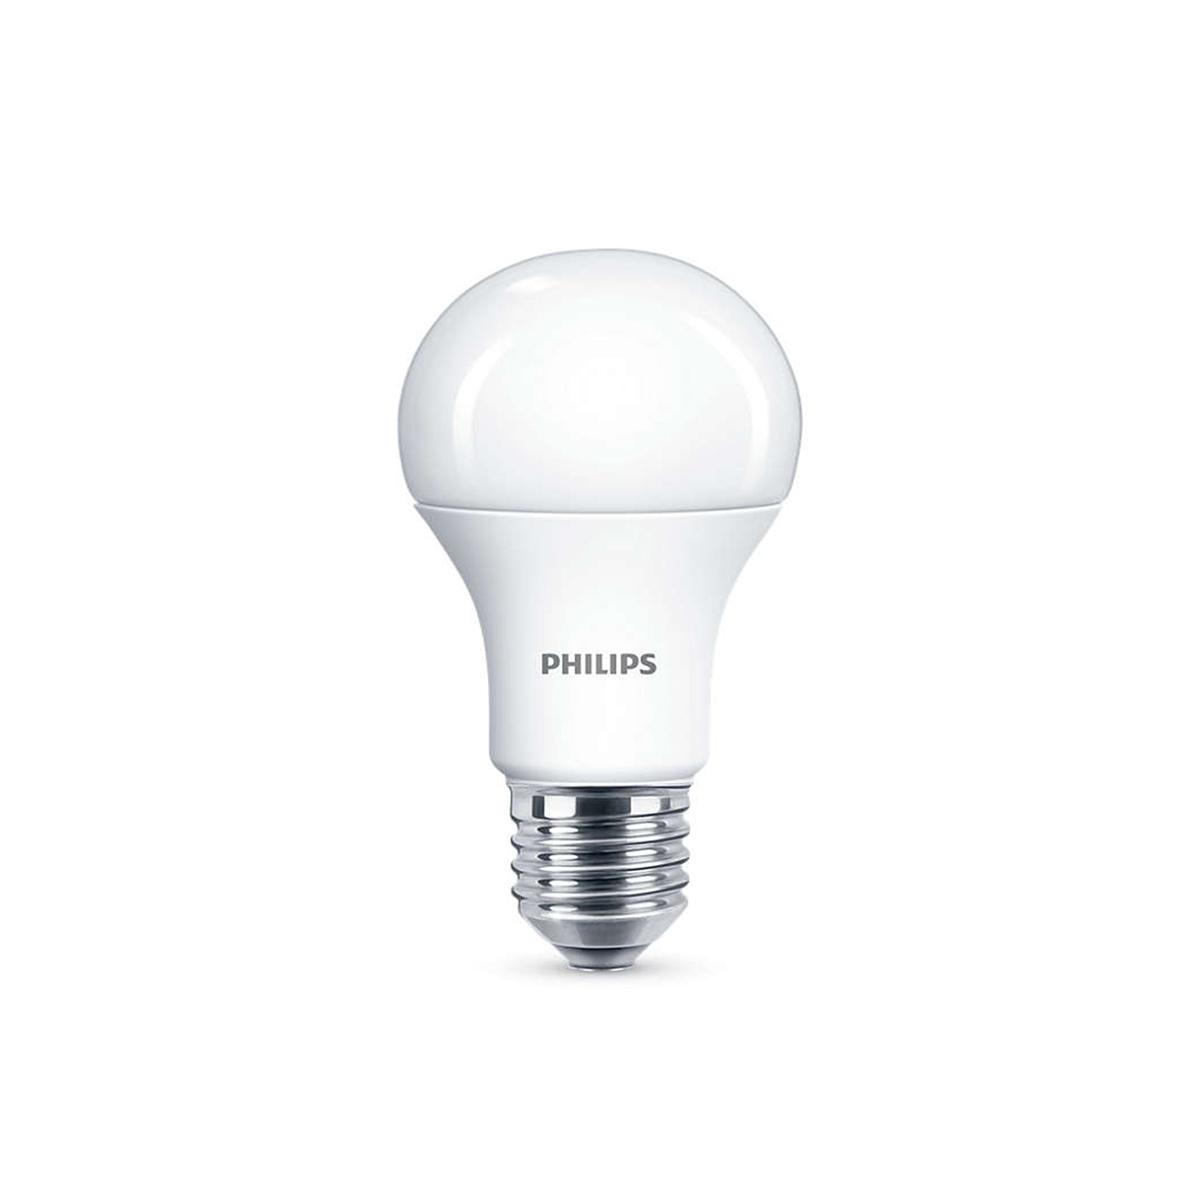 Philips Led Leuchten Katalog : philips leuchtmittel led lampe e27 matt 13 w 4000 k ~ Watch28wear.com Haus und Dekorationen